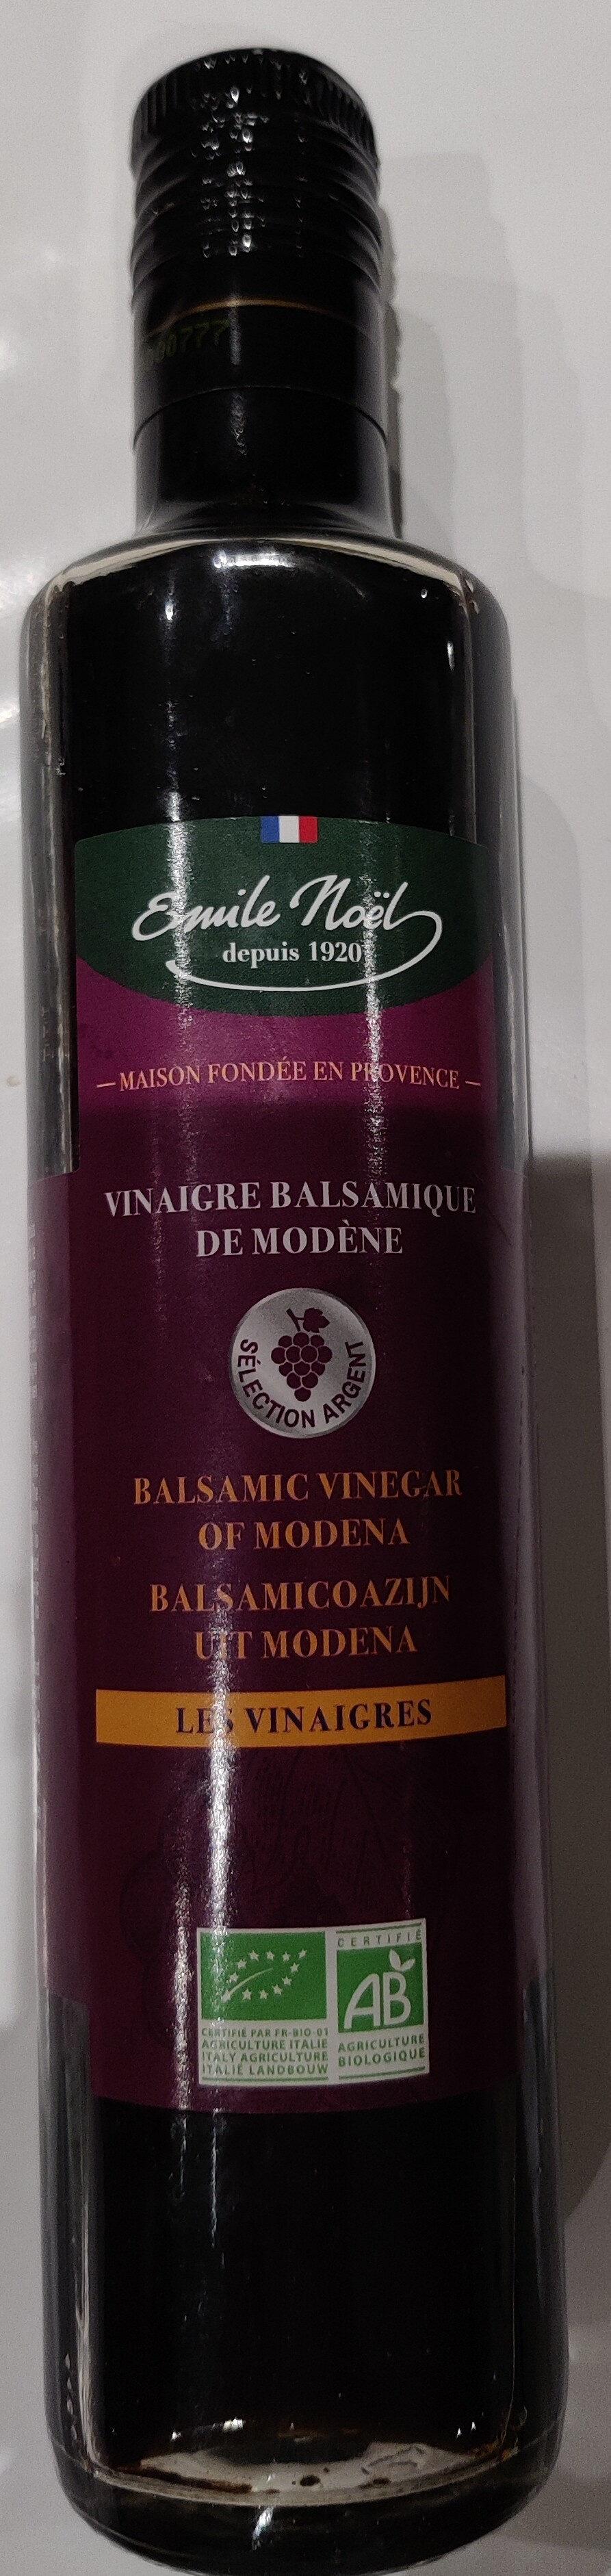 Balsamique De Modene - Produit - fr